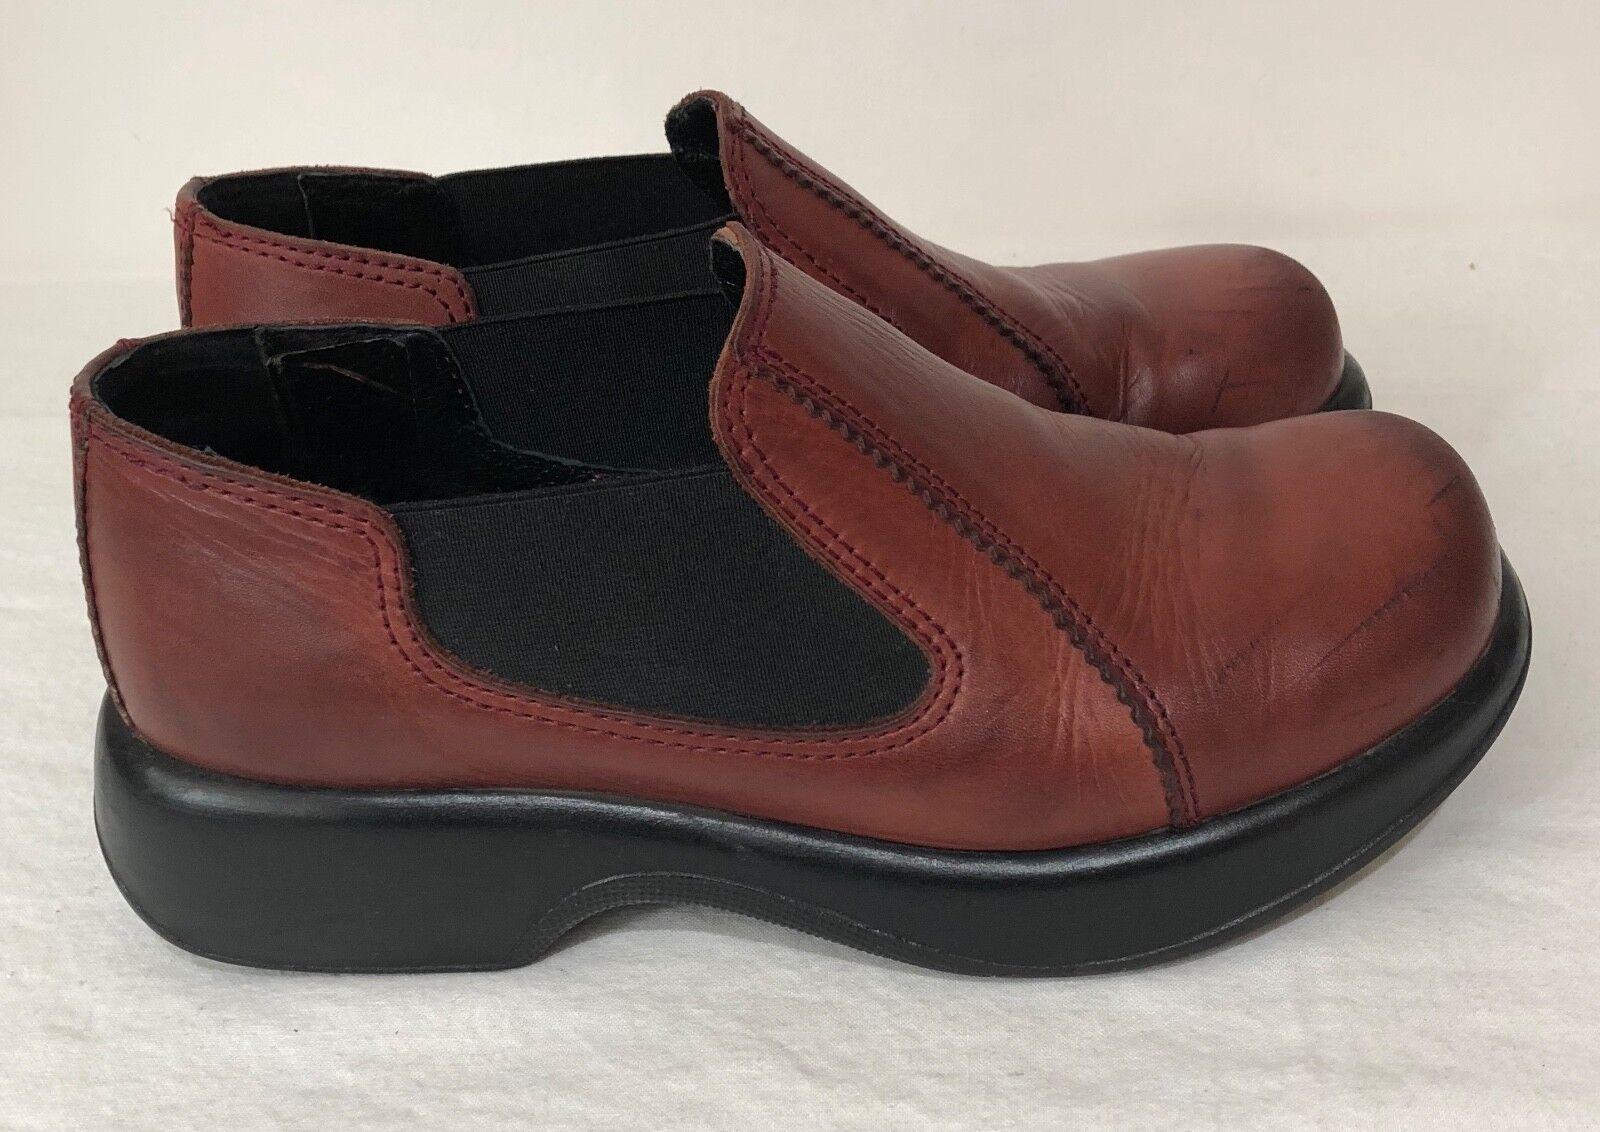 Dansko sz 9 9 9 Brown Leather Slip Ons d56d93